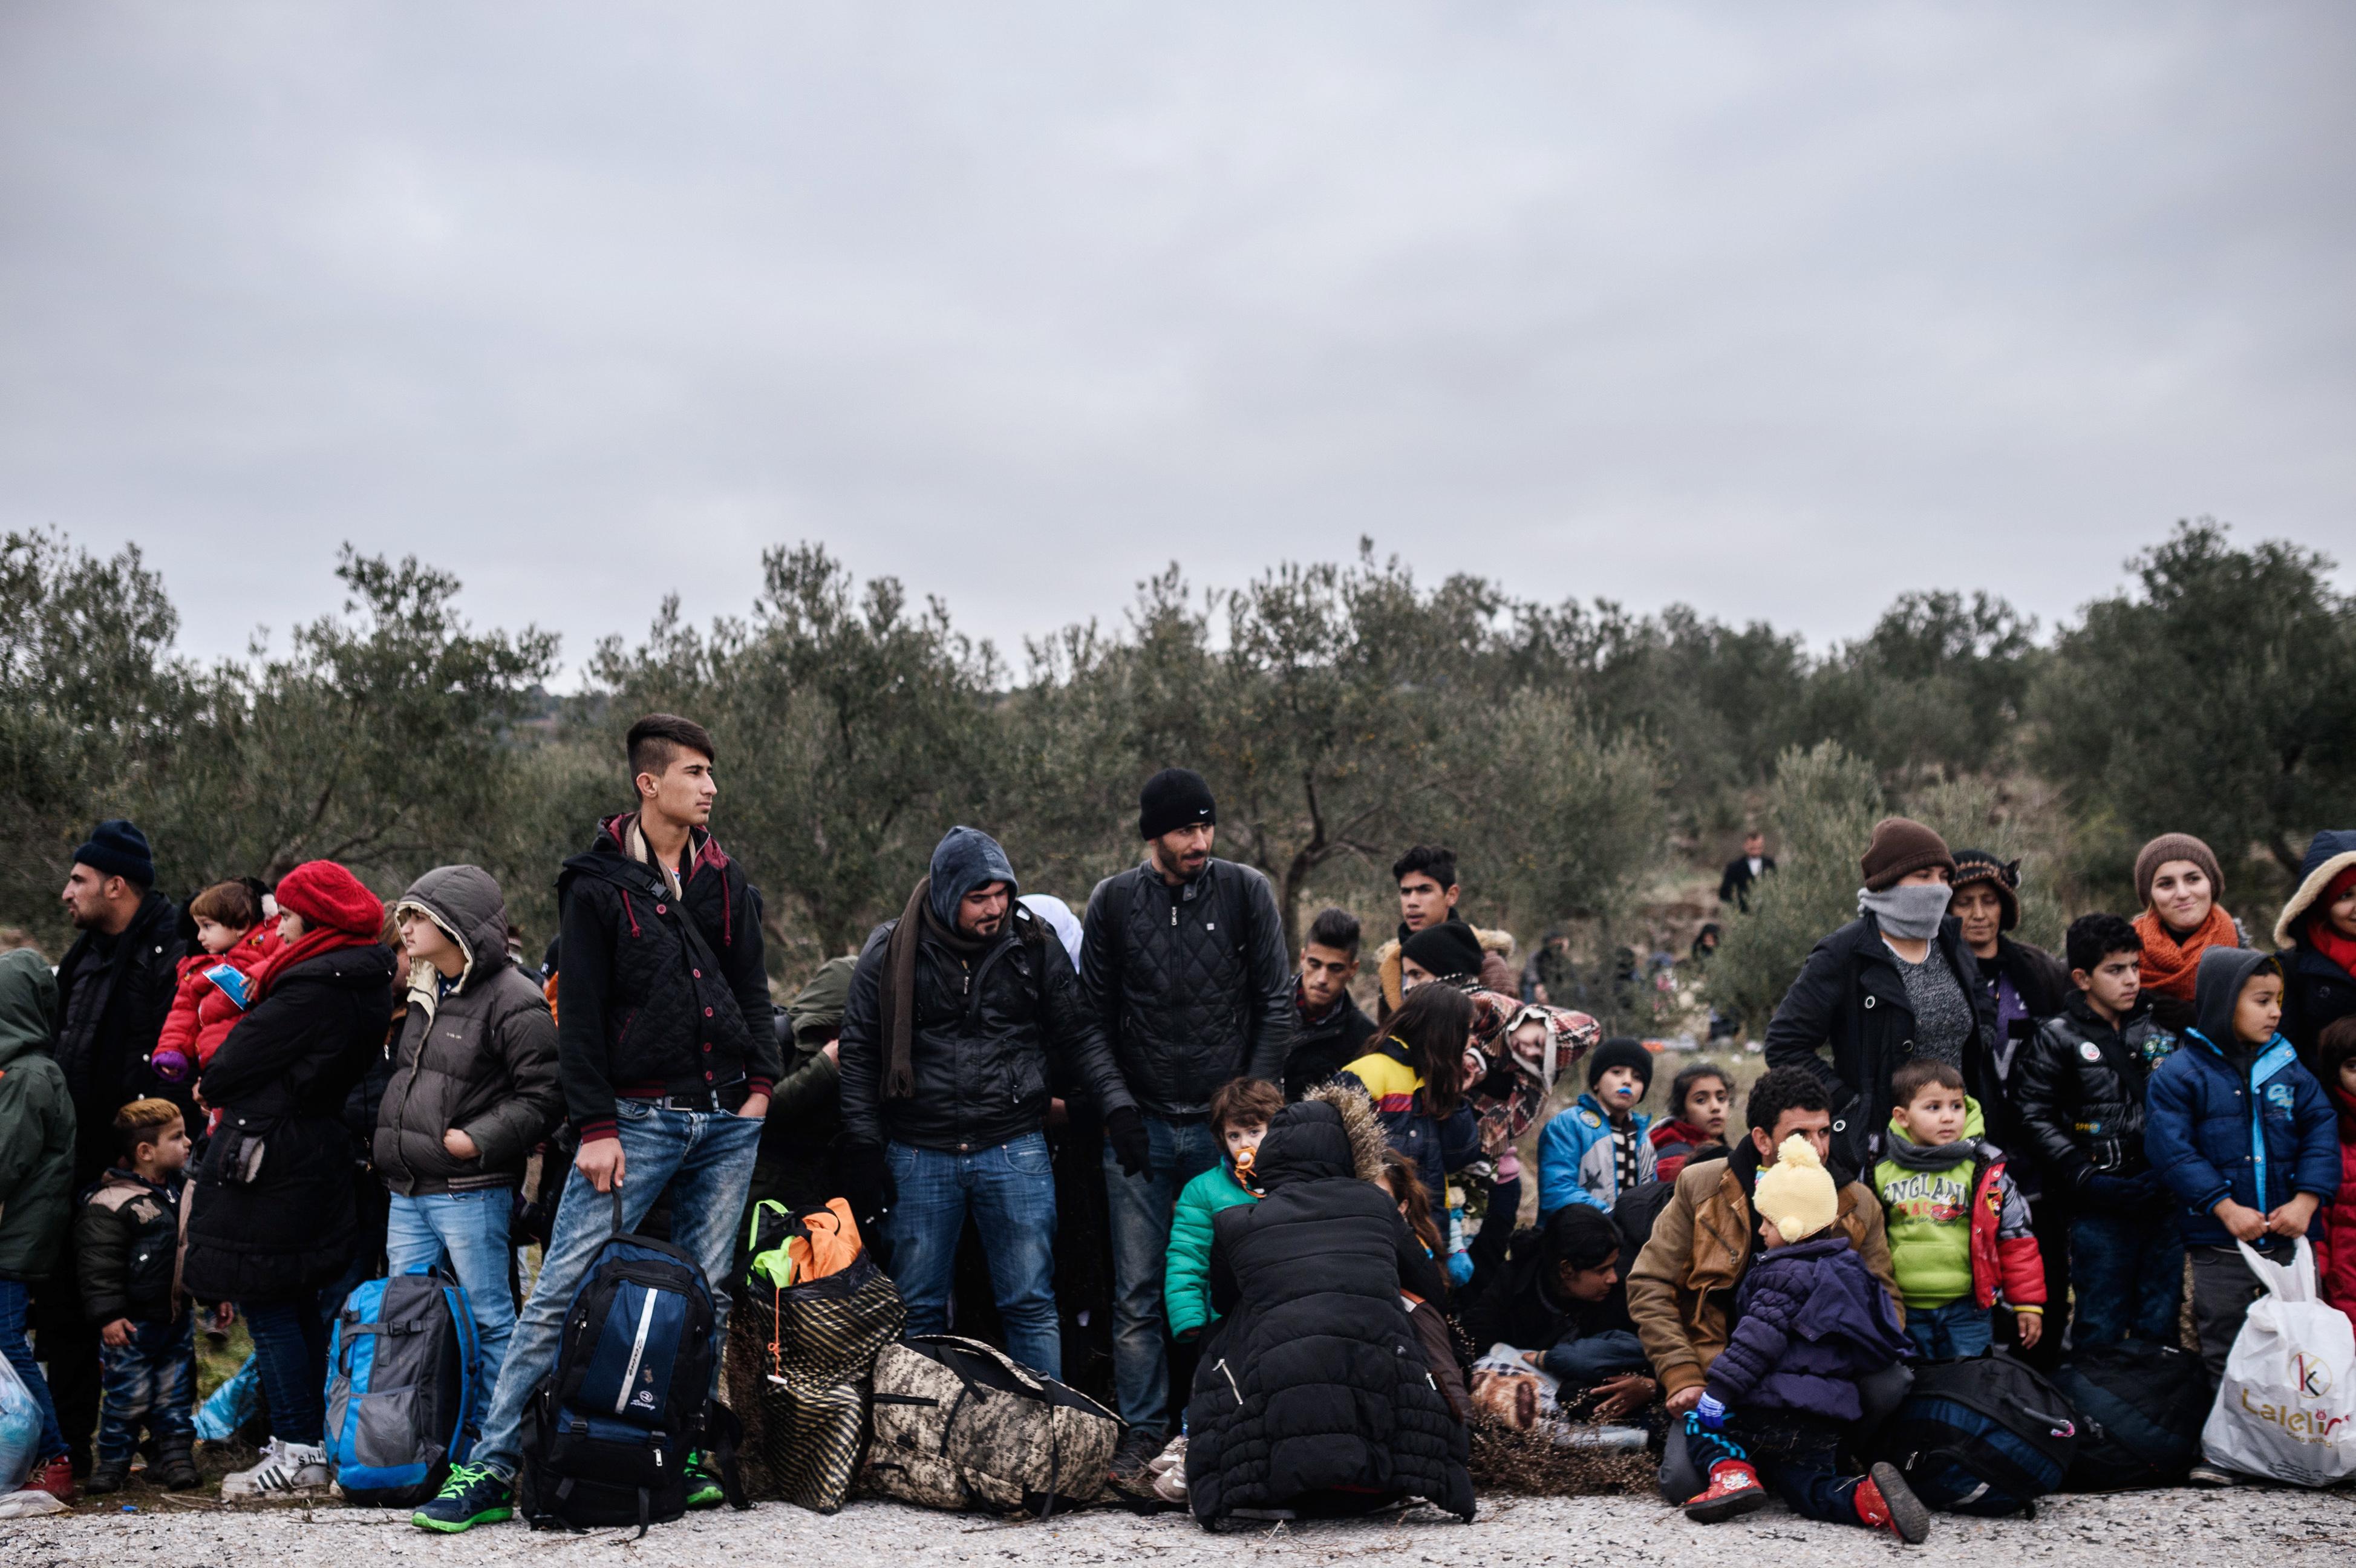 """De Maizière: Zeit läuft in Flüchtlingskrise davon – """"Wir möchten Klarheit, bis der Frühling kommt."""""""